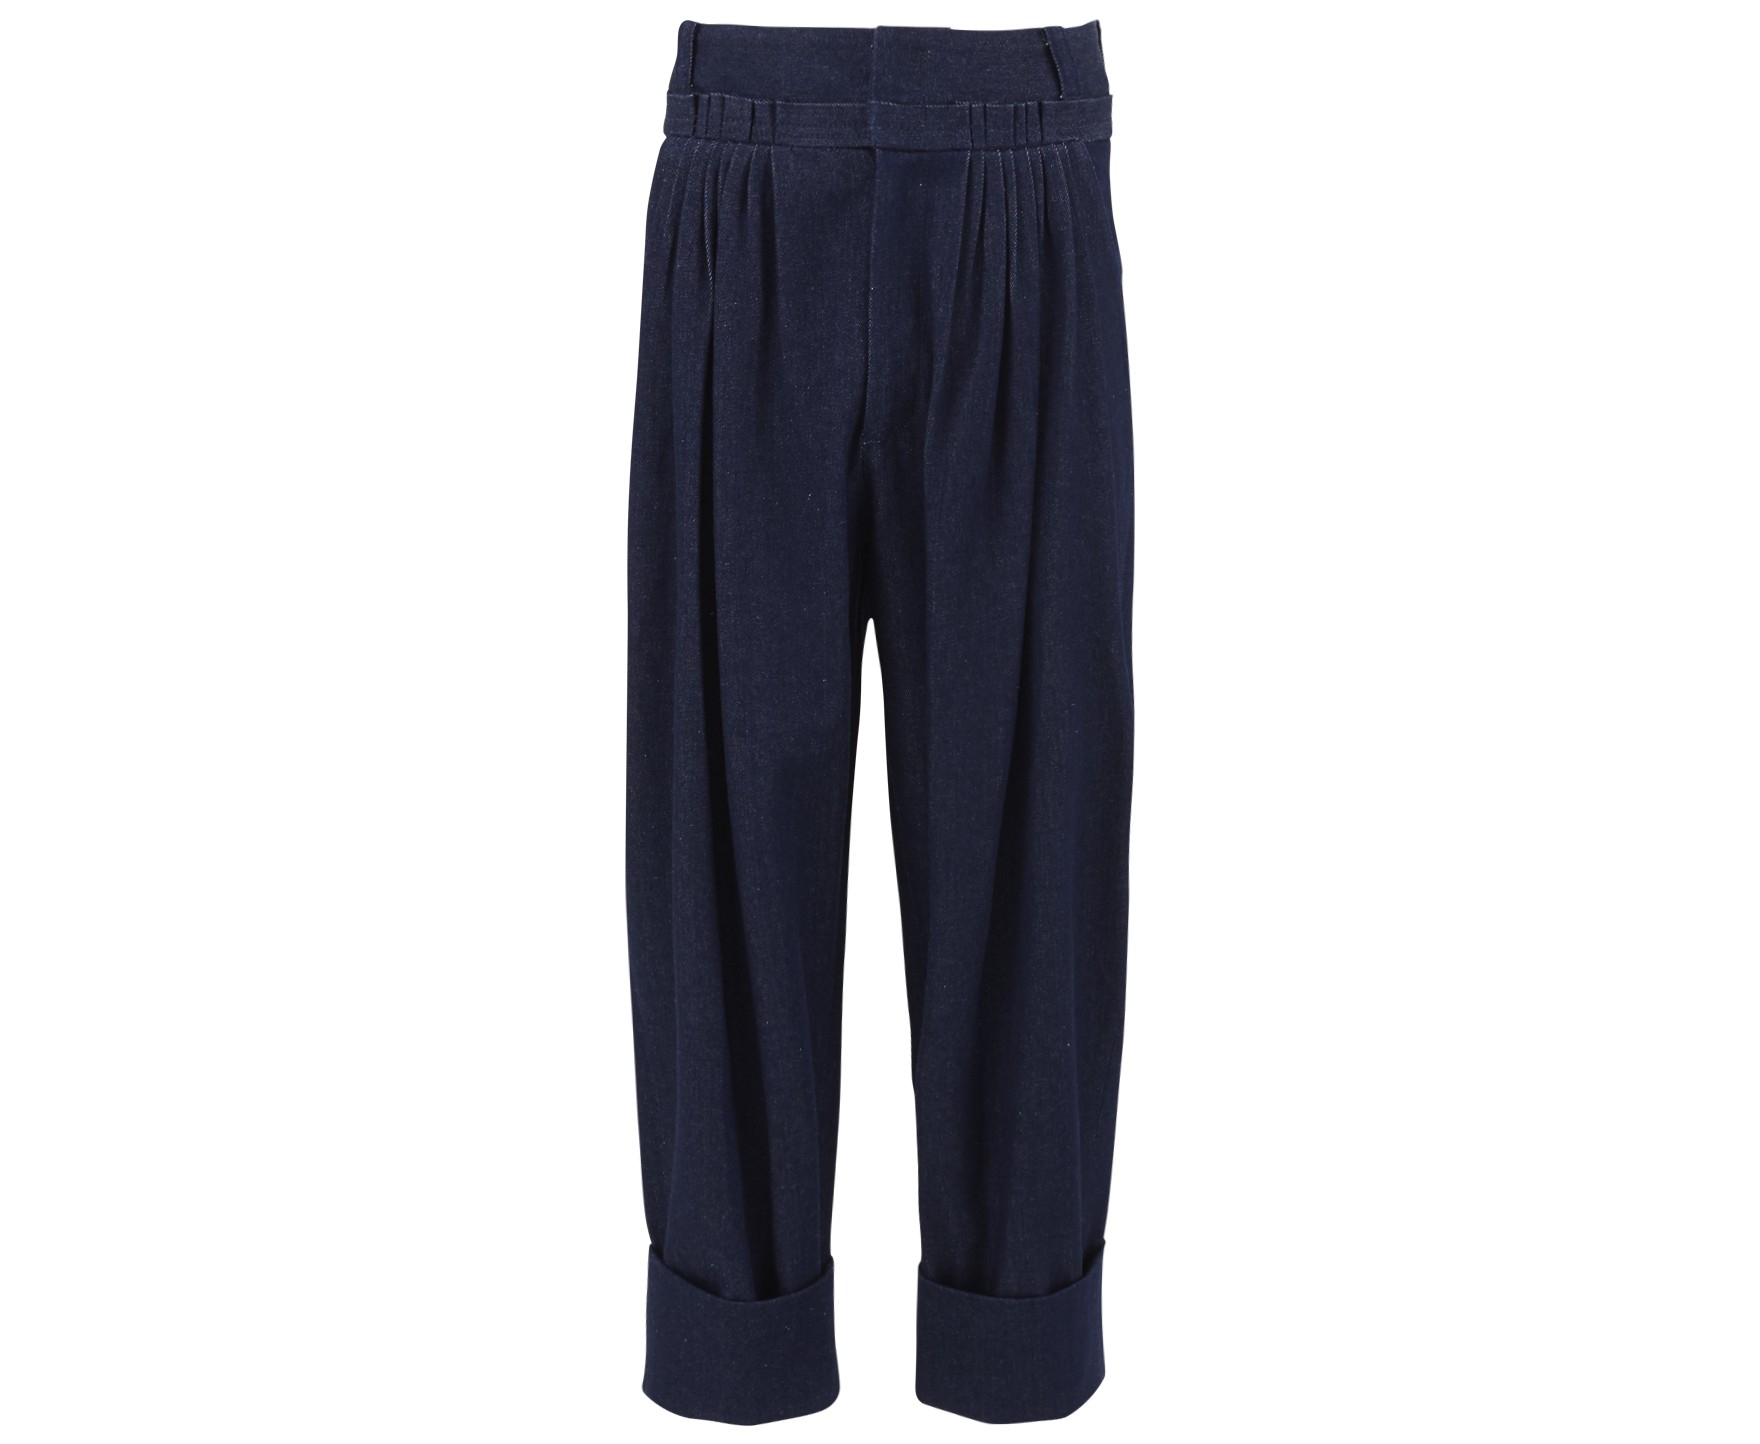 Expandable Waist Jeans For Men